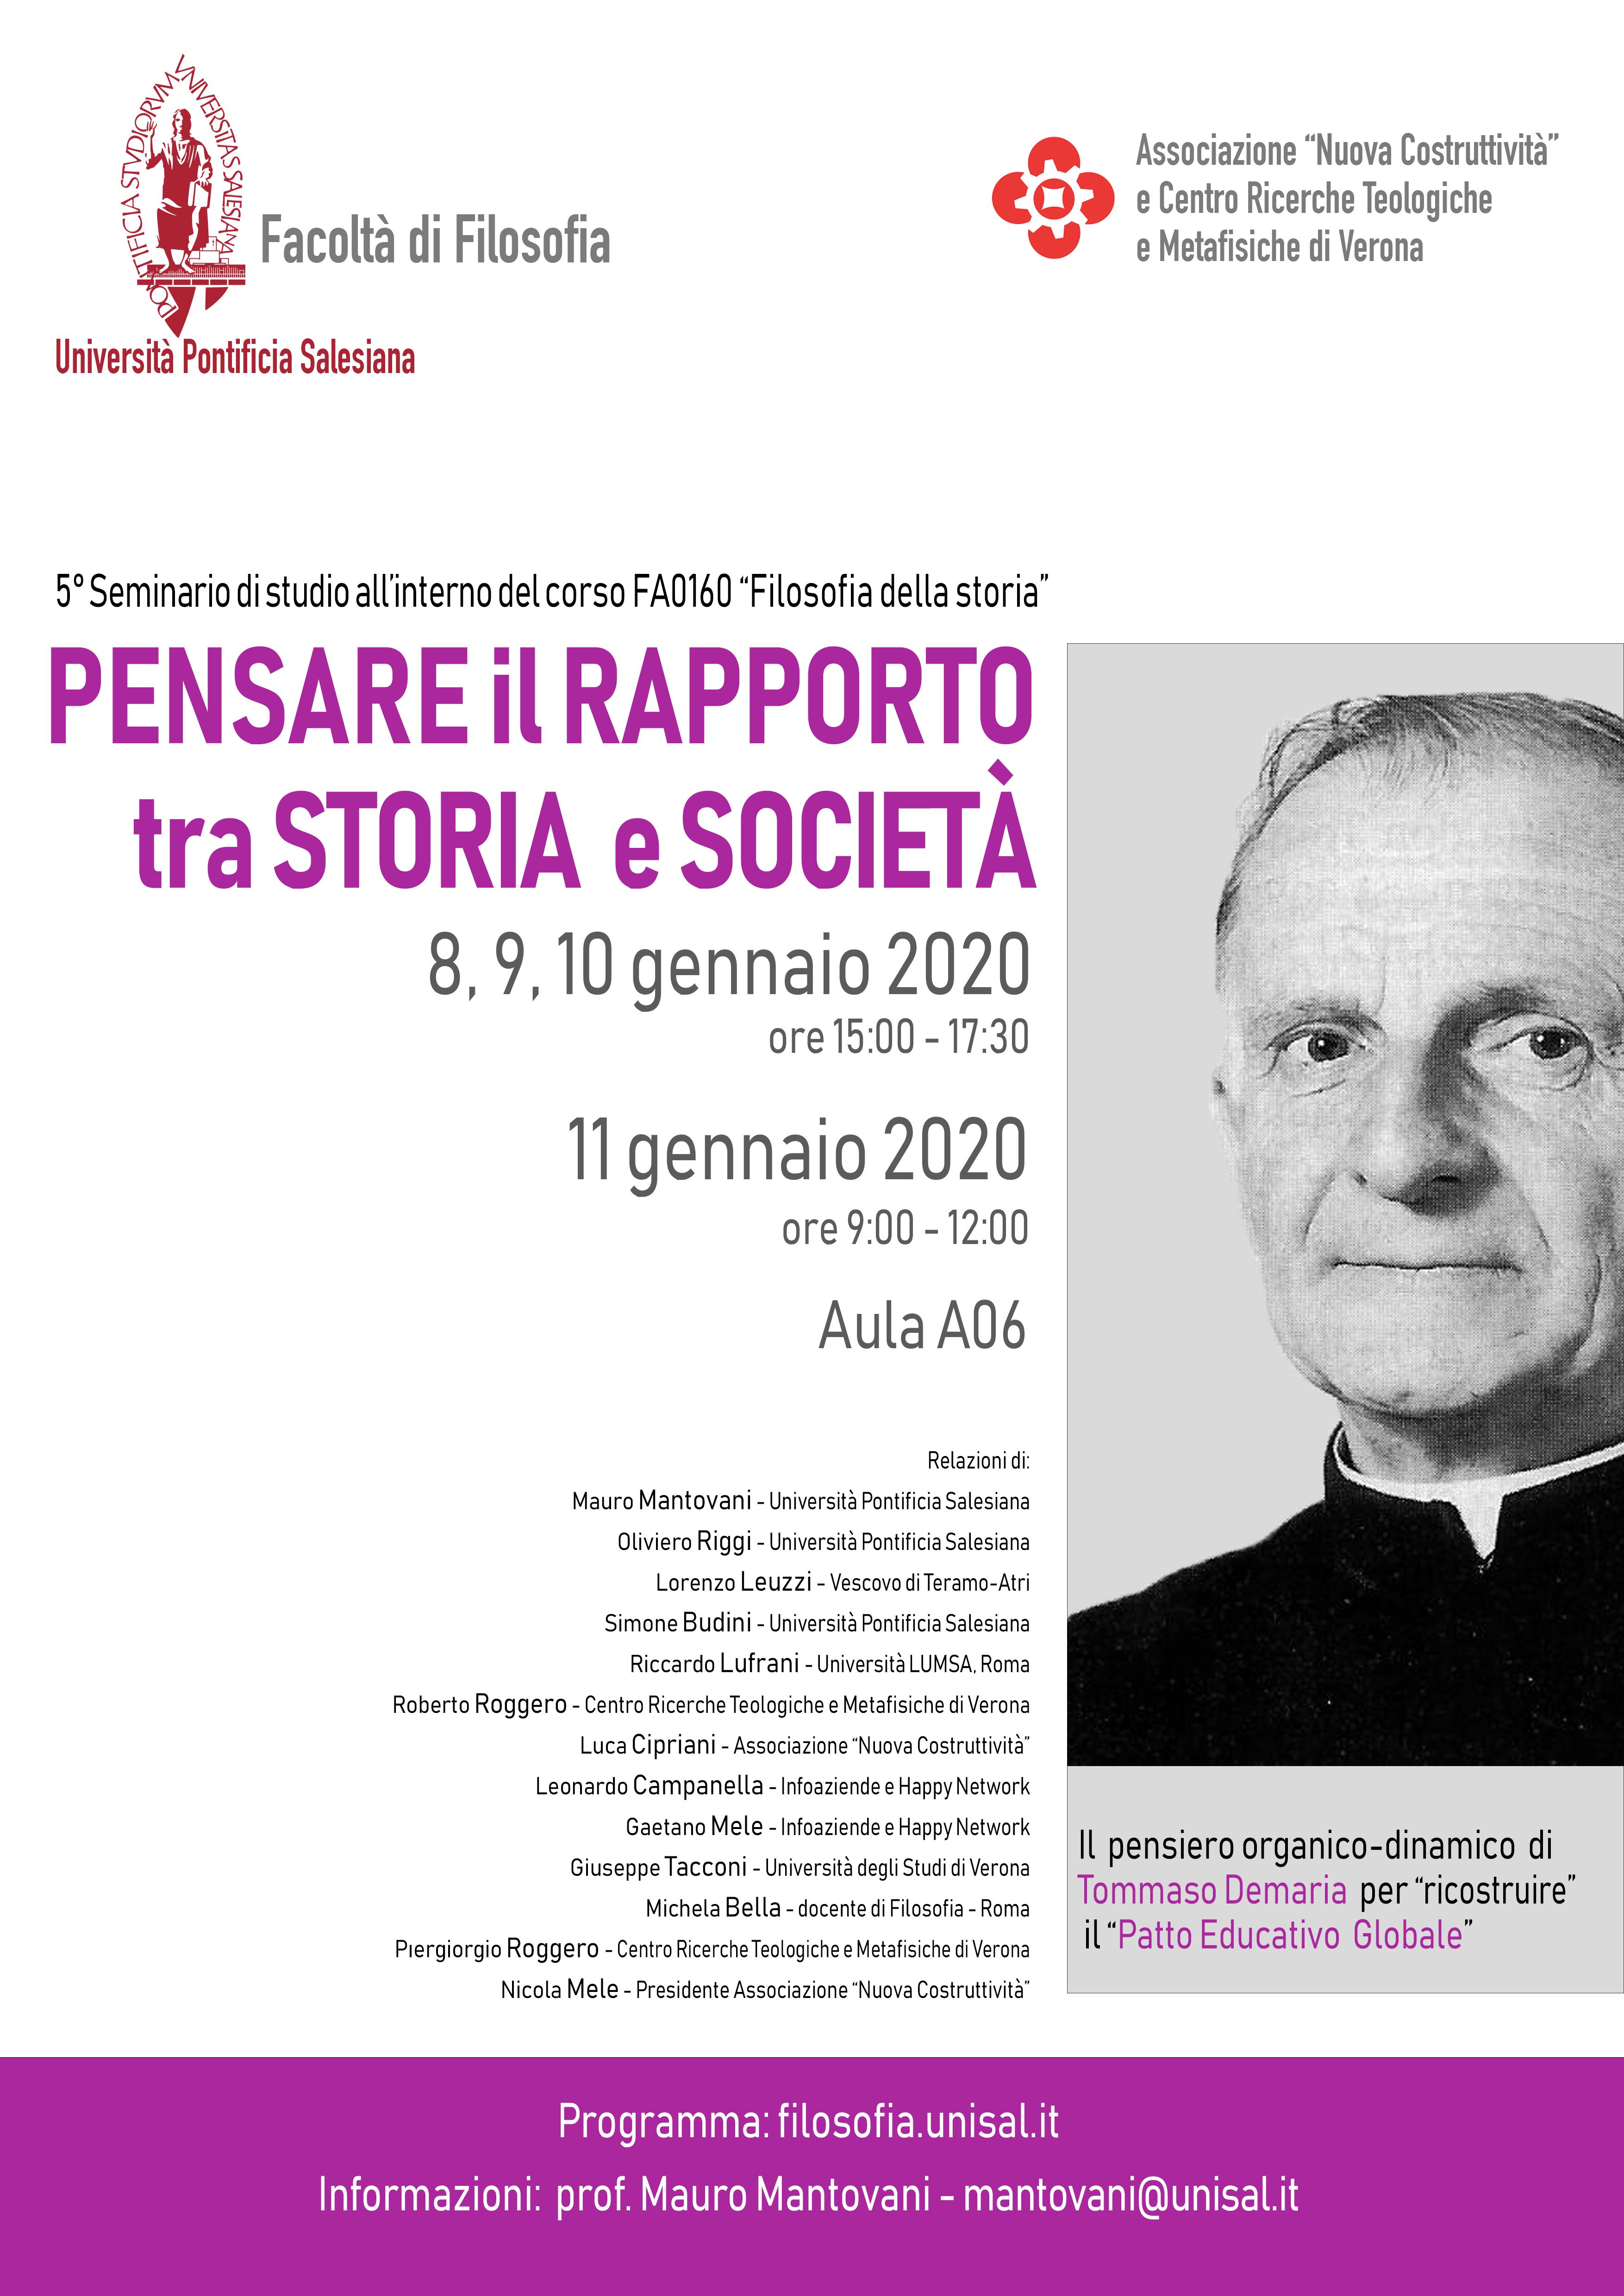 Pensare-il-rapporto-tra-storia-e-società - Seminario Demaria UPS 8-11 gennaio 2019 - Locandina DEF